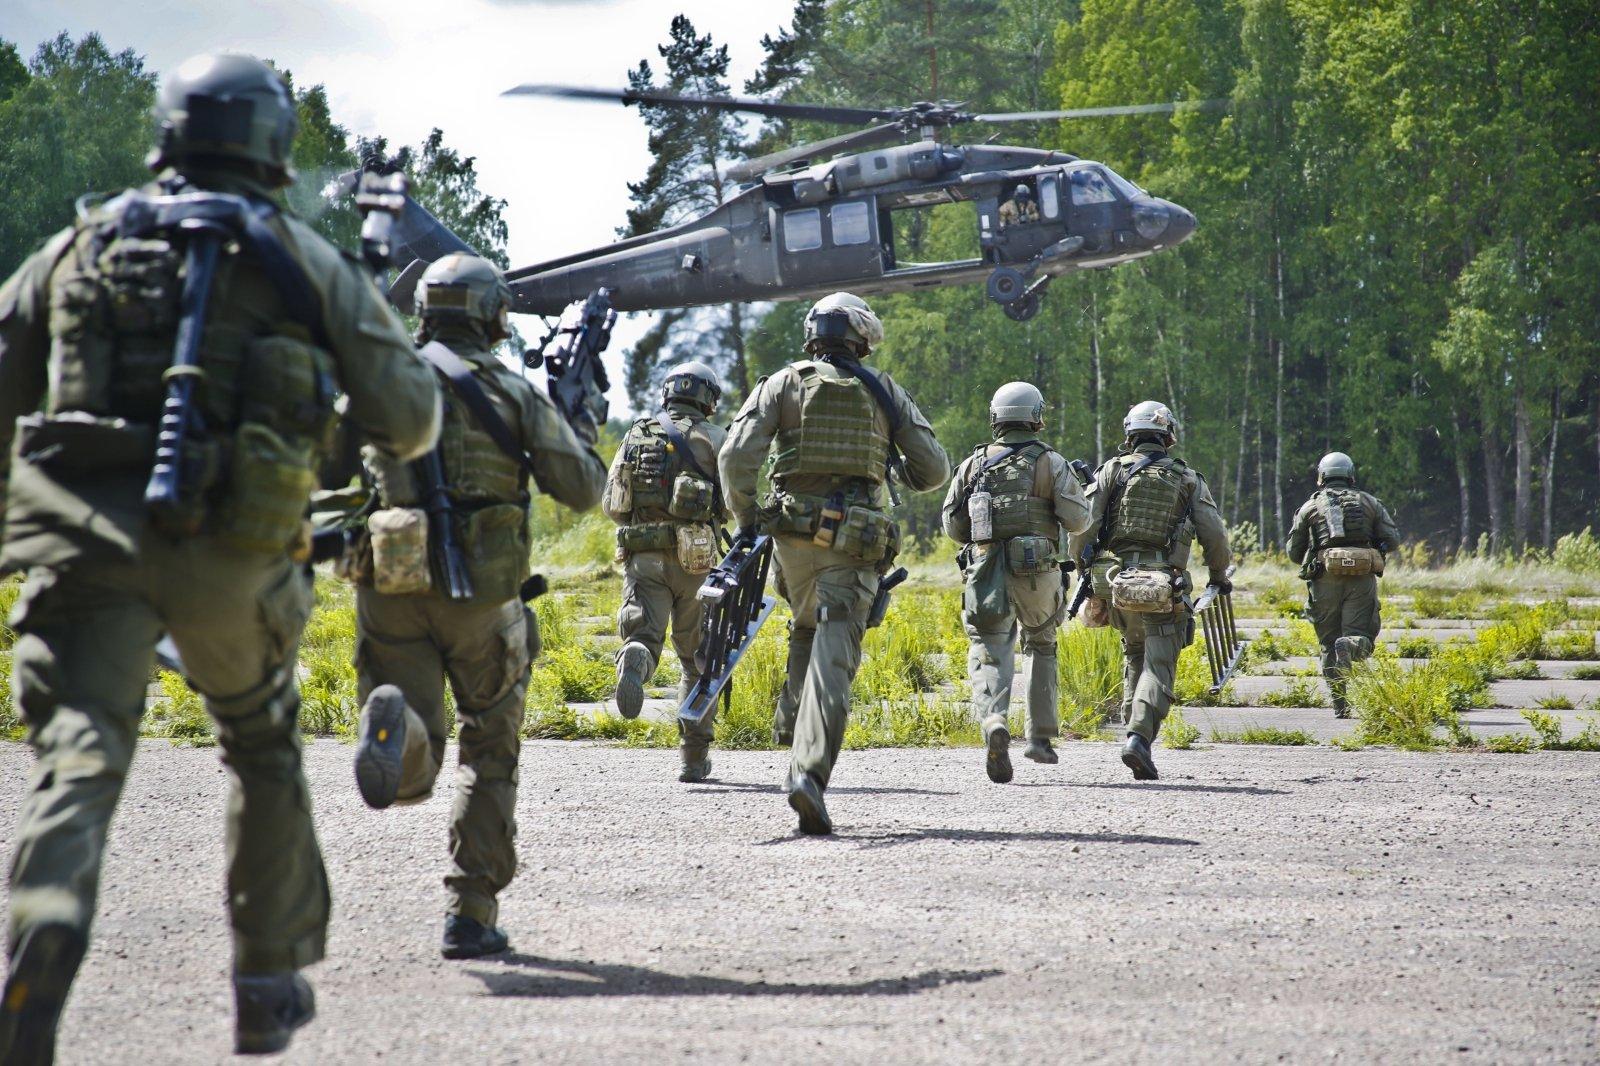 Литва планирует увеличить количество военных и учредить новый батальон